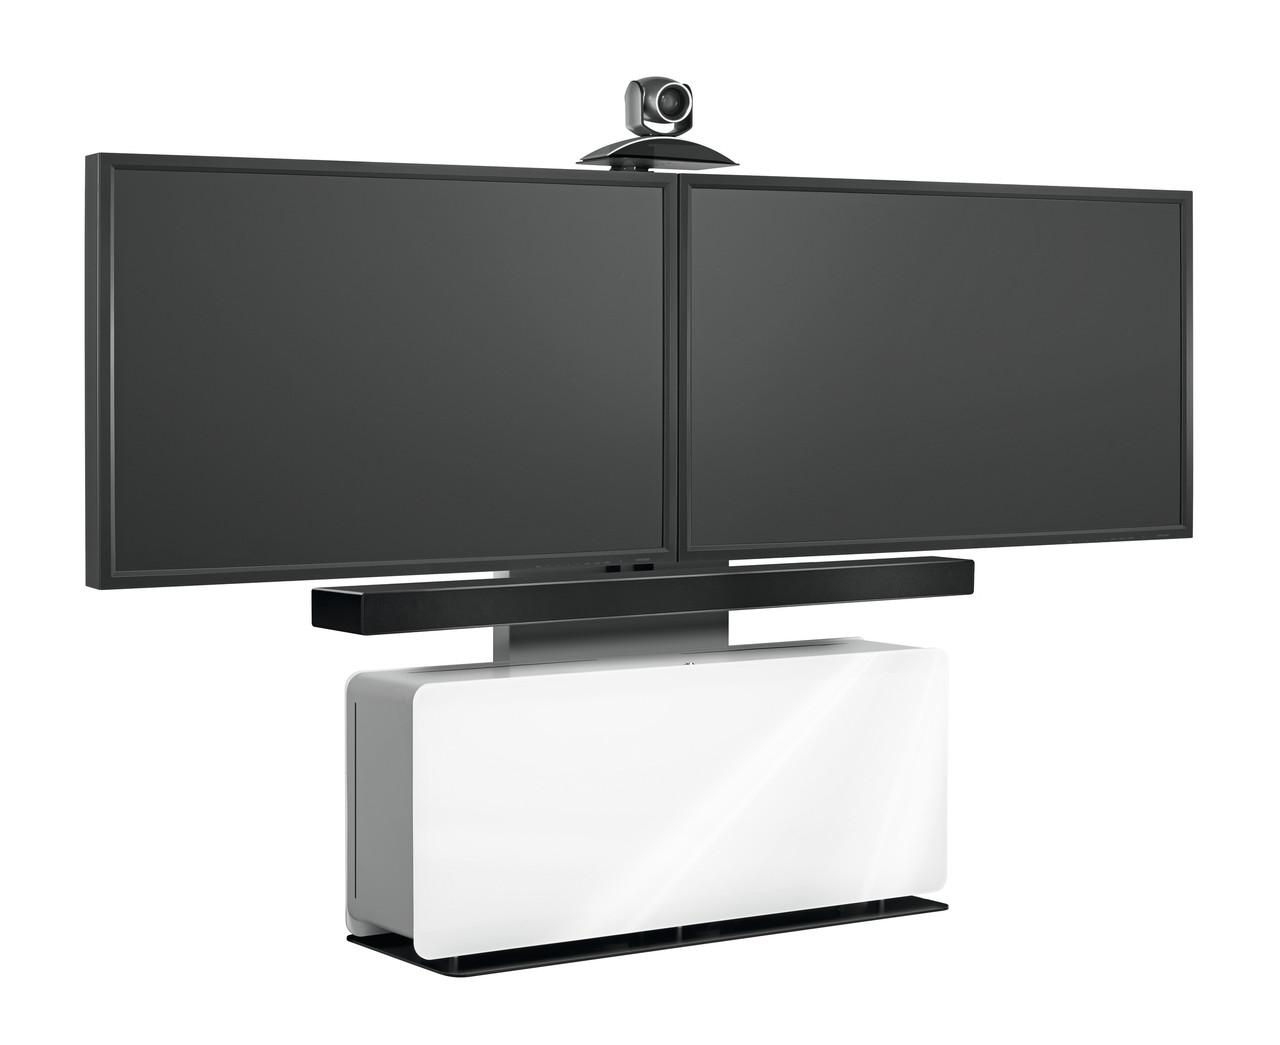 Мобильная стойка Vogels PVF 4112 (мебель для видеоконференций) цвет белый